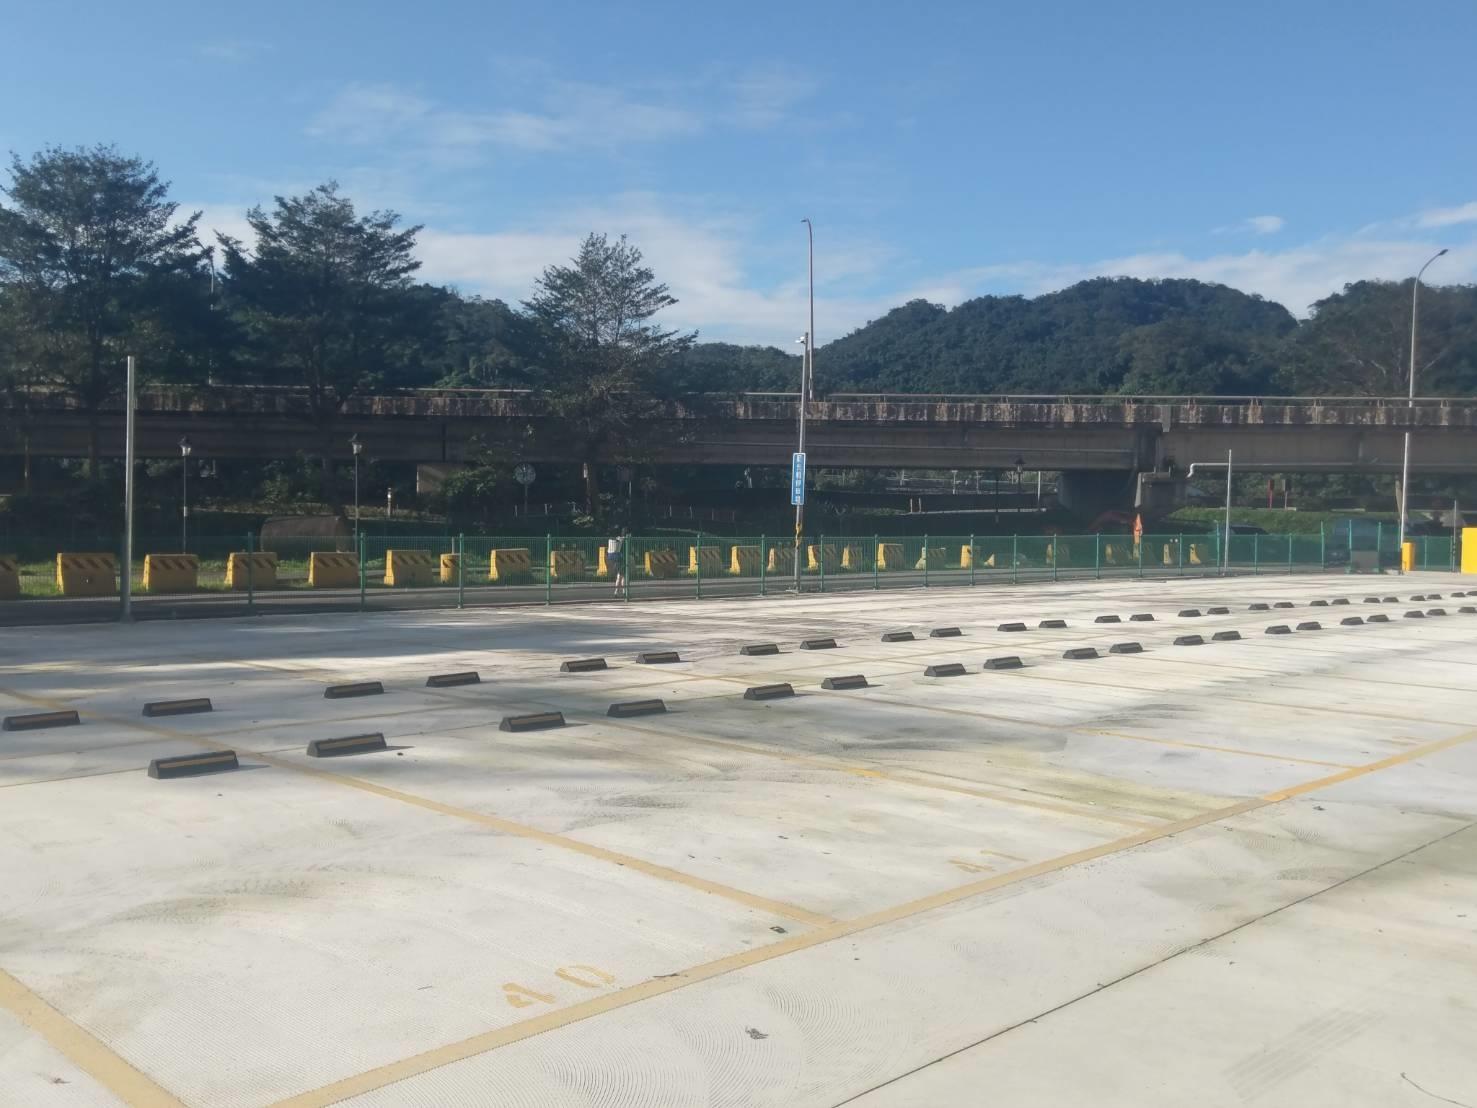 汐止區建成路178巷底的汐止星光橋南側平面停車場,將於3月1日起收費營運。圖/新北市交通局提供